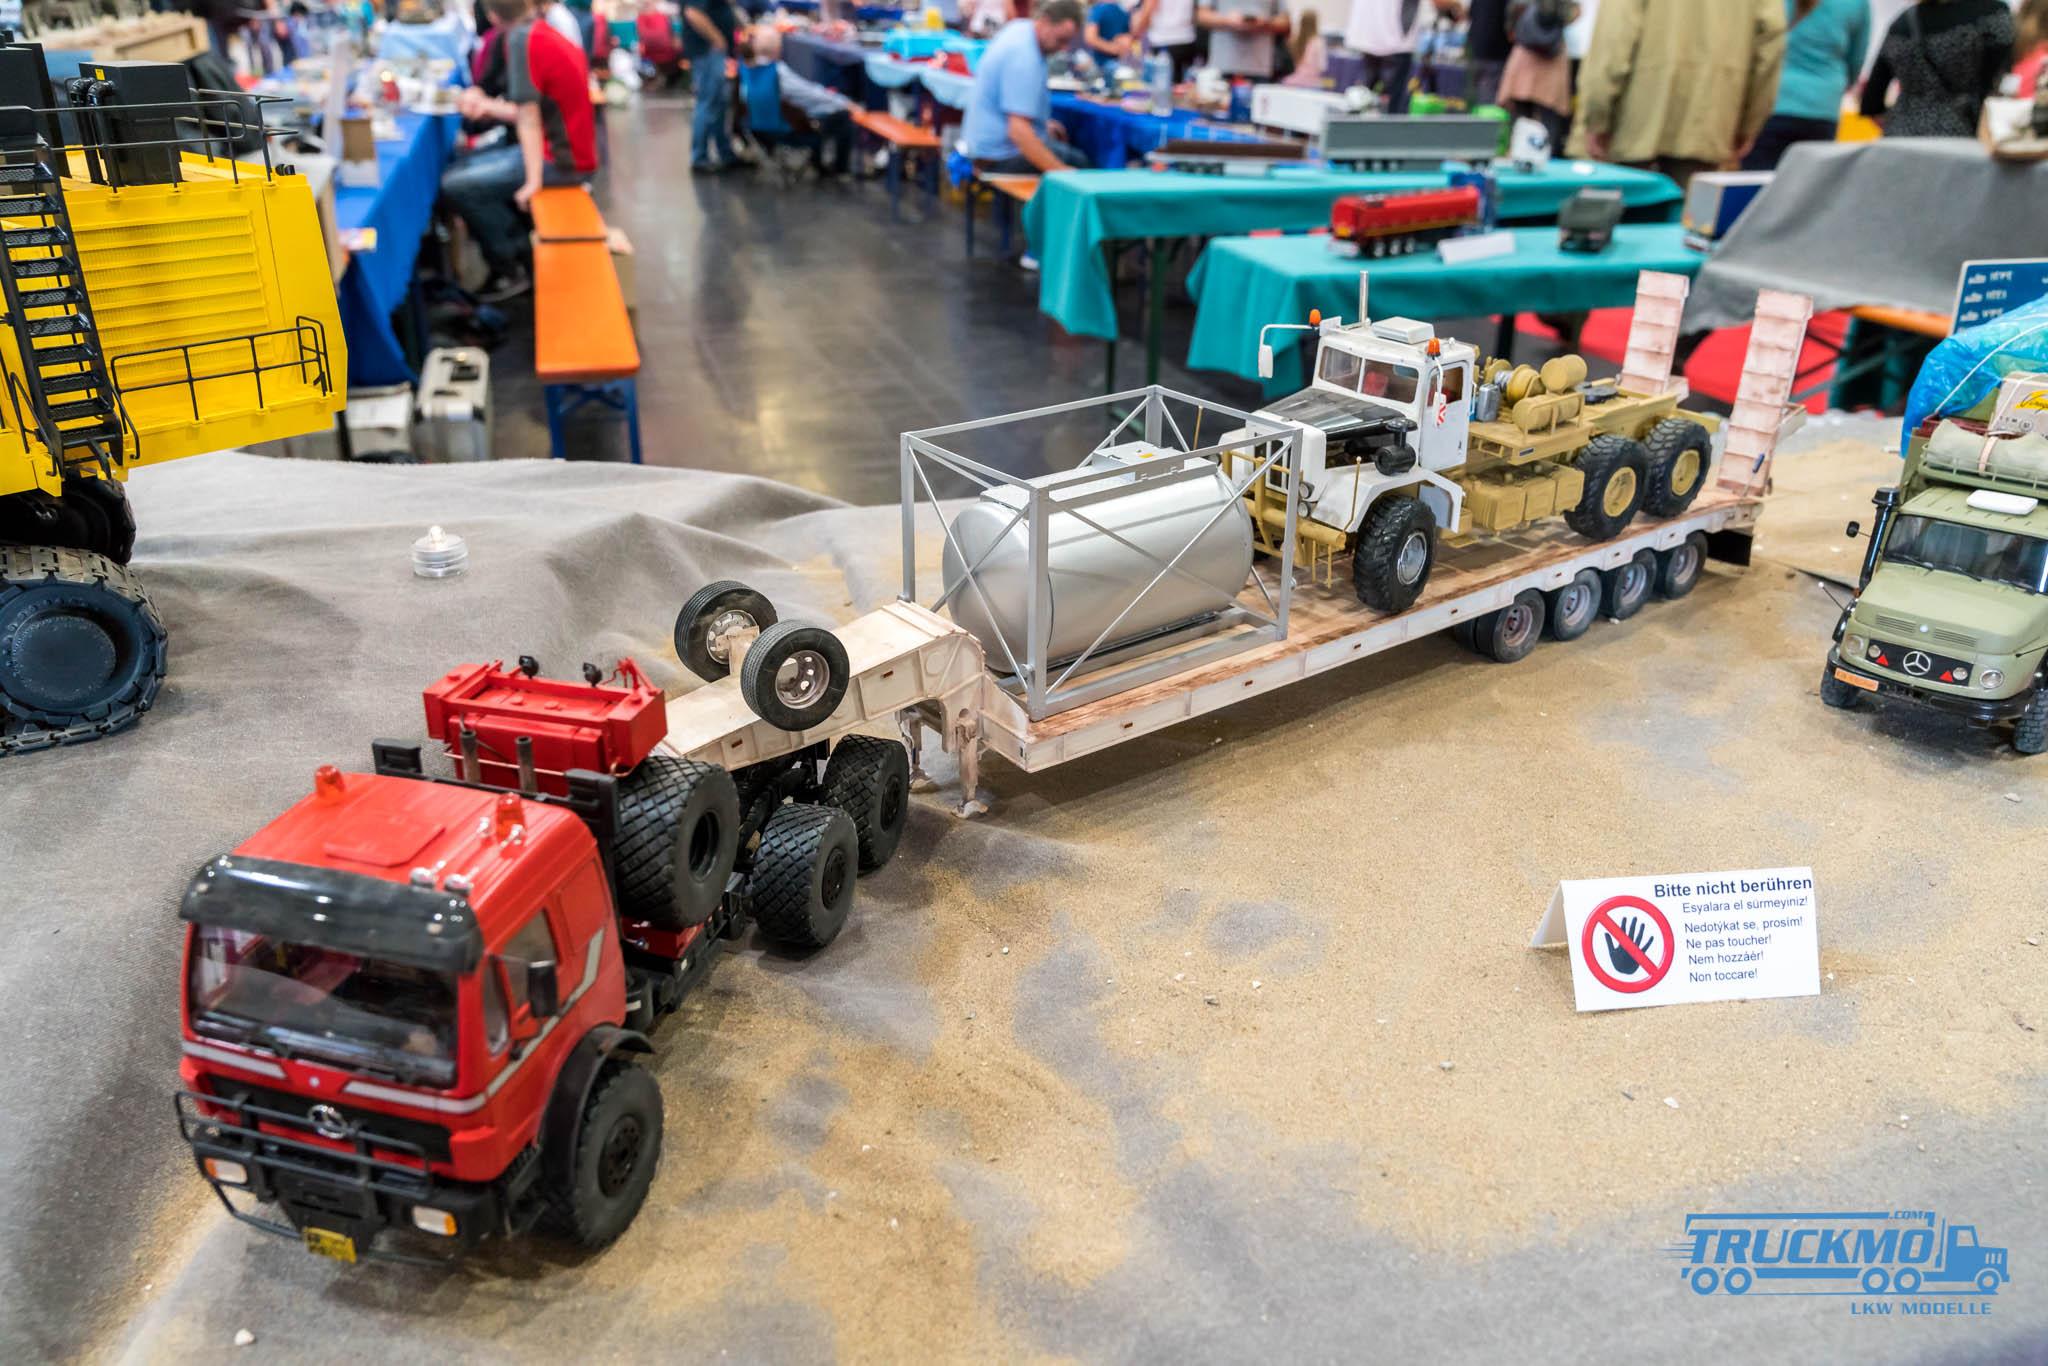 Truckmo_Modellbau_Ried_2017_Herpa_Messe_Modellbauausstellung (417 von 1177)